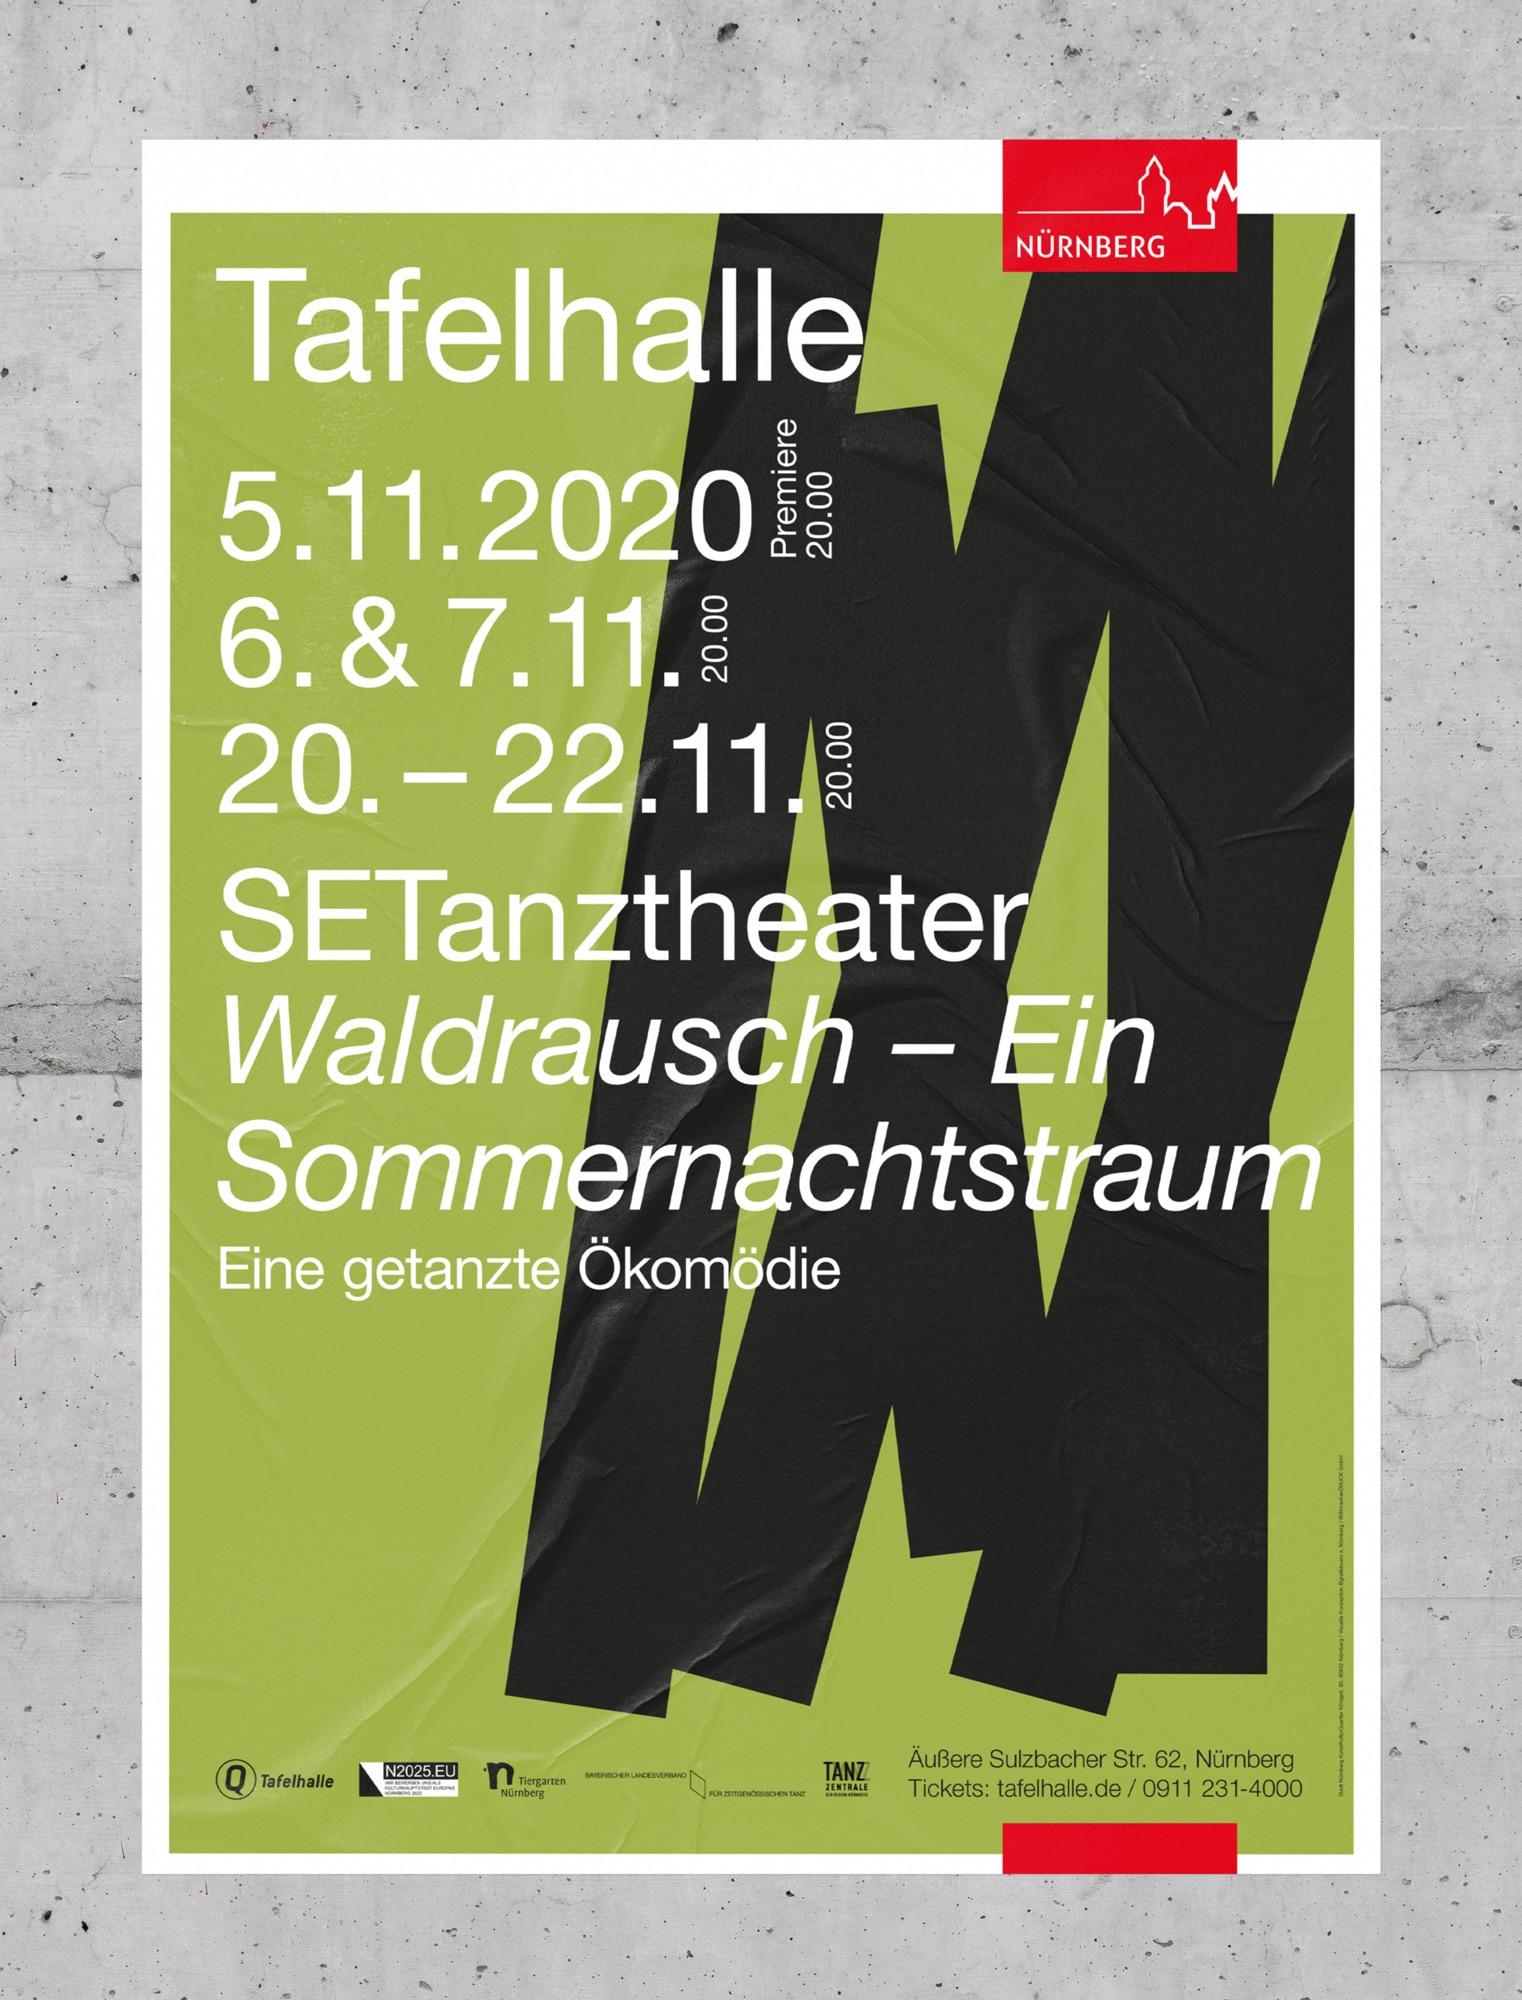 planx-Tafelhalle-Spielzeit2020-21-Koproduktion02